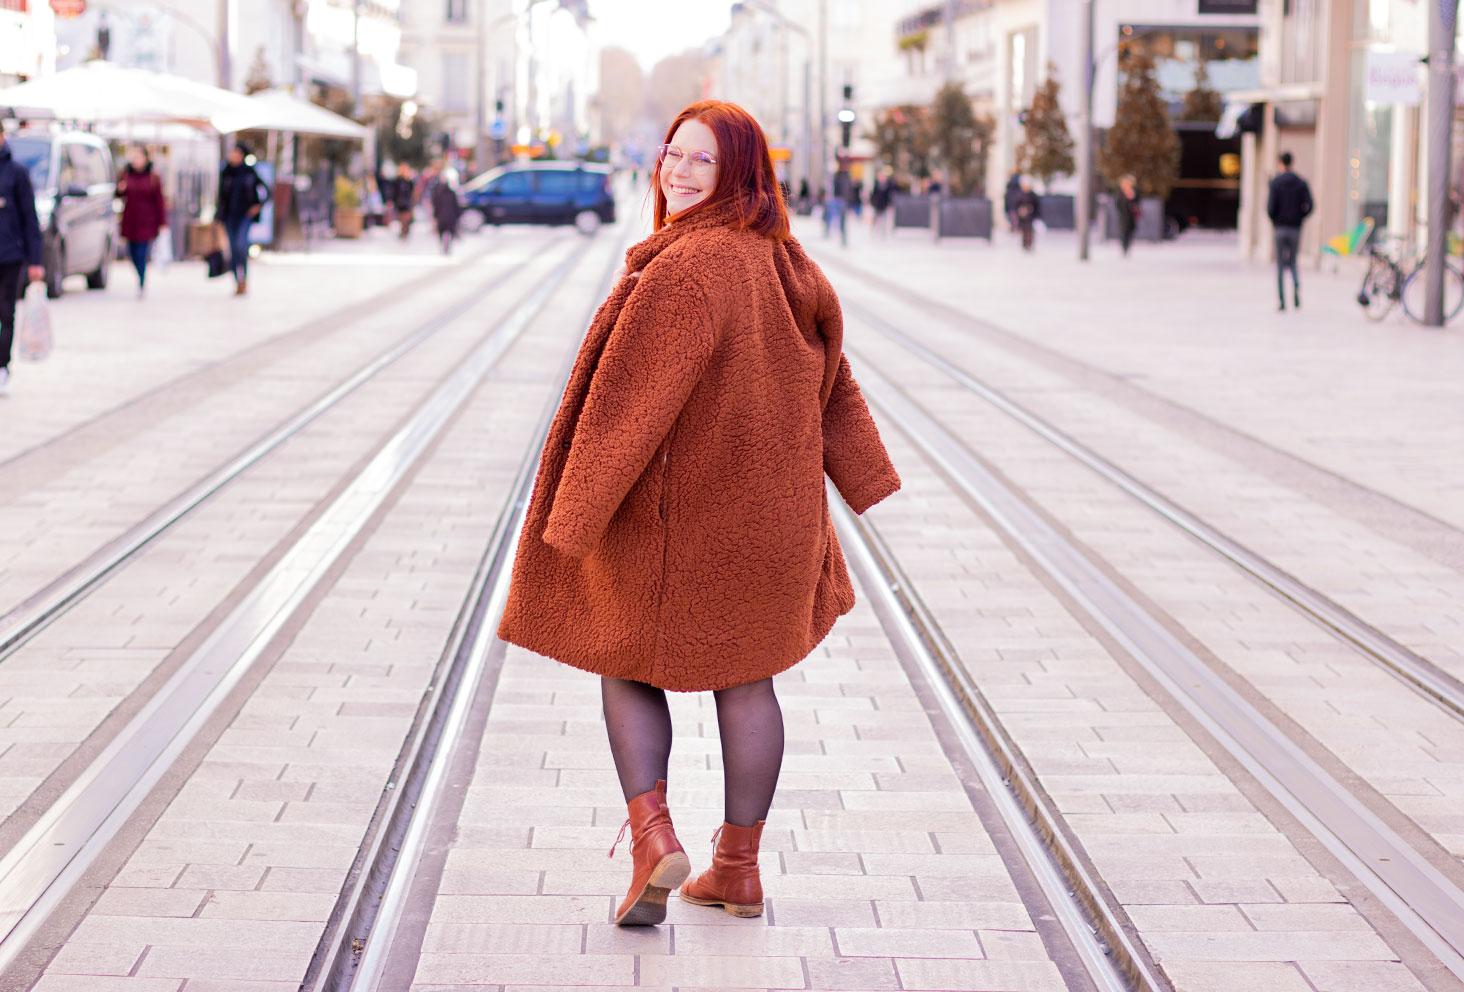 De dos au milieu de la rue Nationale à Tours, avec le manteau marron en fausse fourrure Shein sur les épaules porté en cape